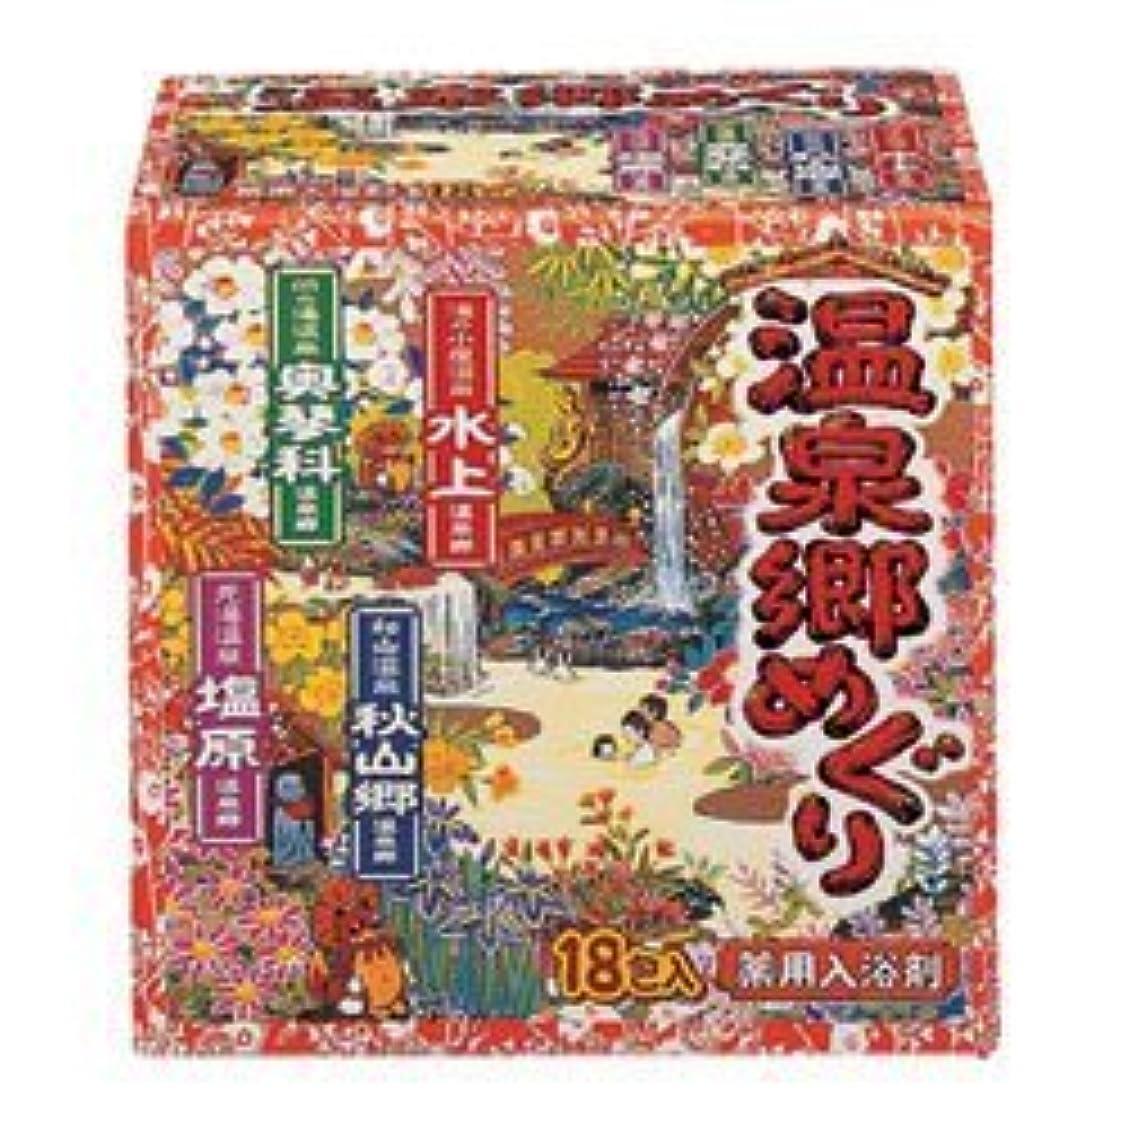 広まった泥沼コンテンツ【アース製薬】温泉郷めぐり 入浴剤 18包入 ×5個セット